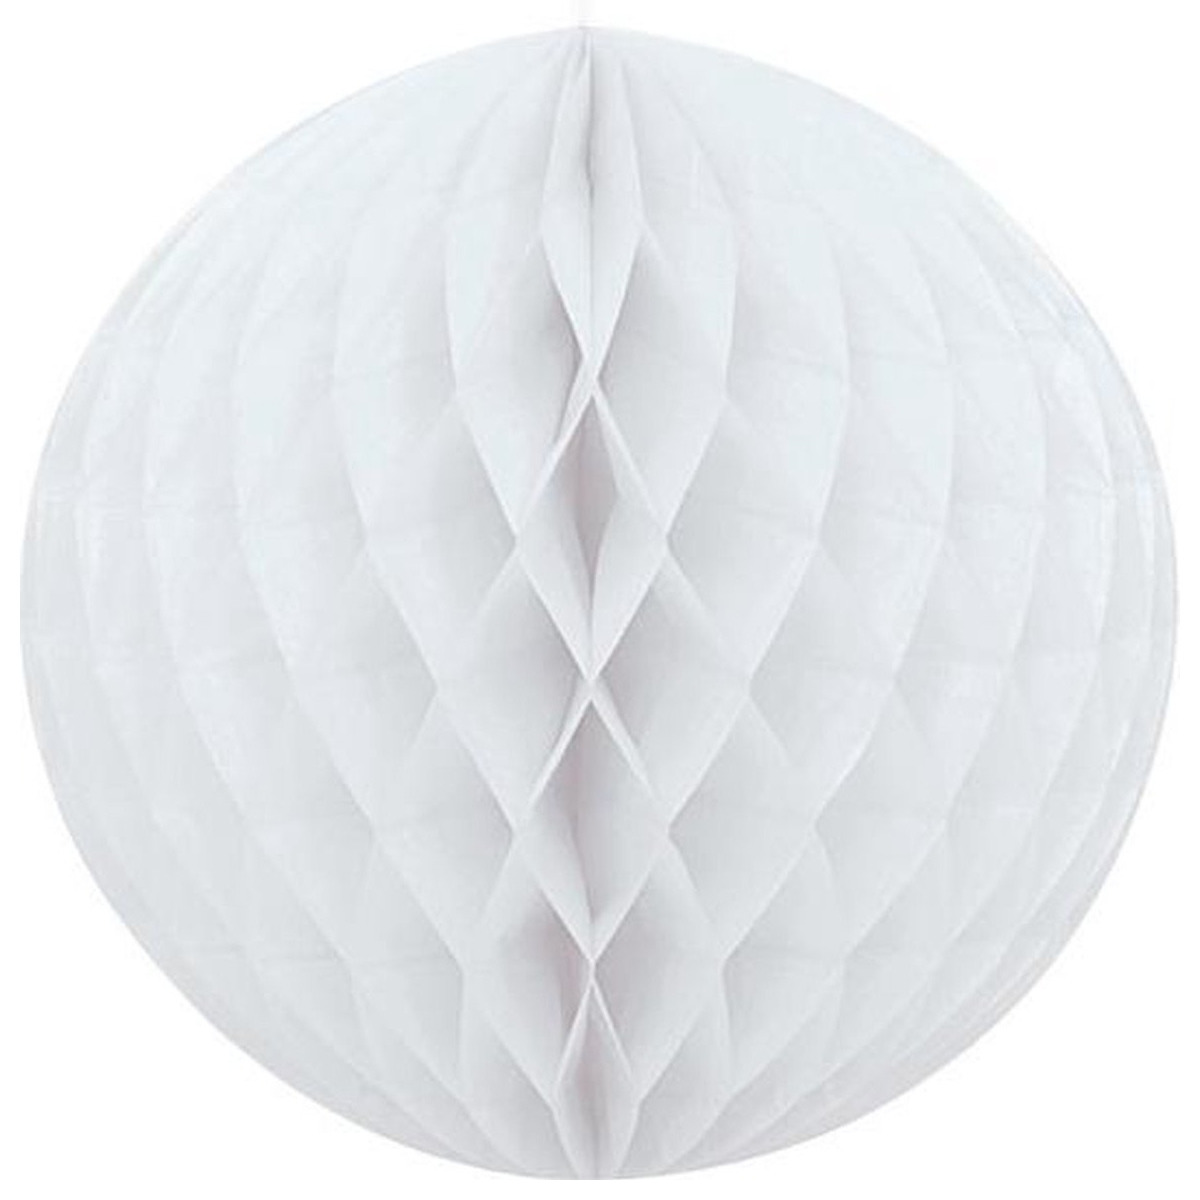 1x Papieren kerstballen wit 10 cm kerstversiering